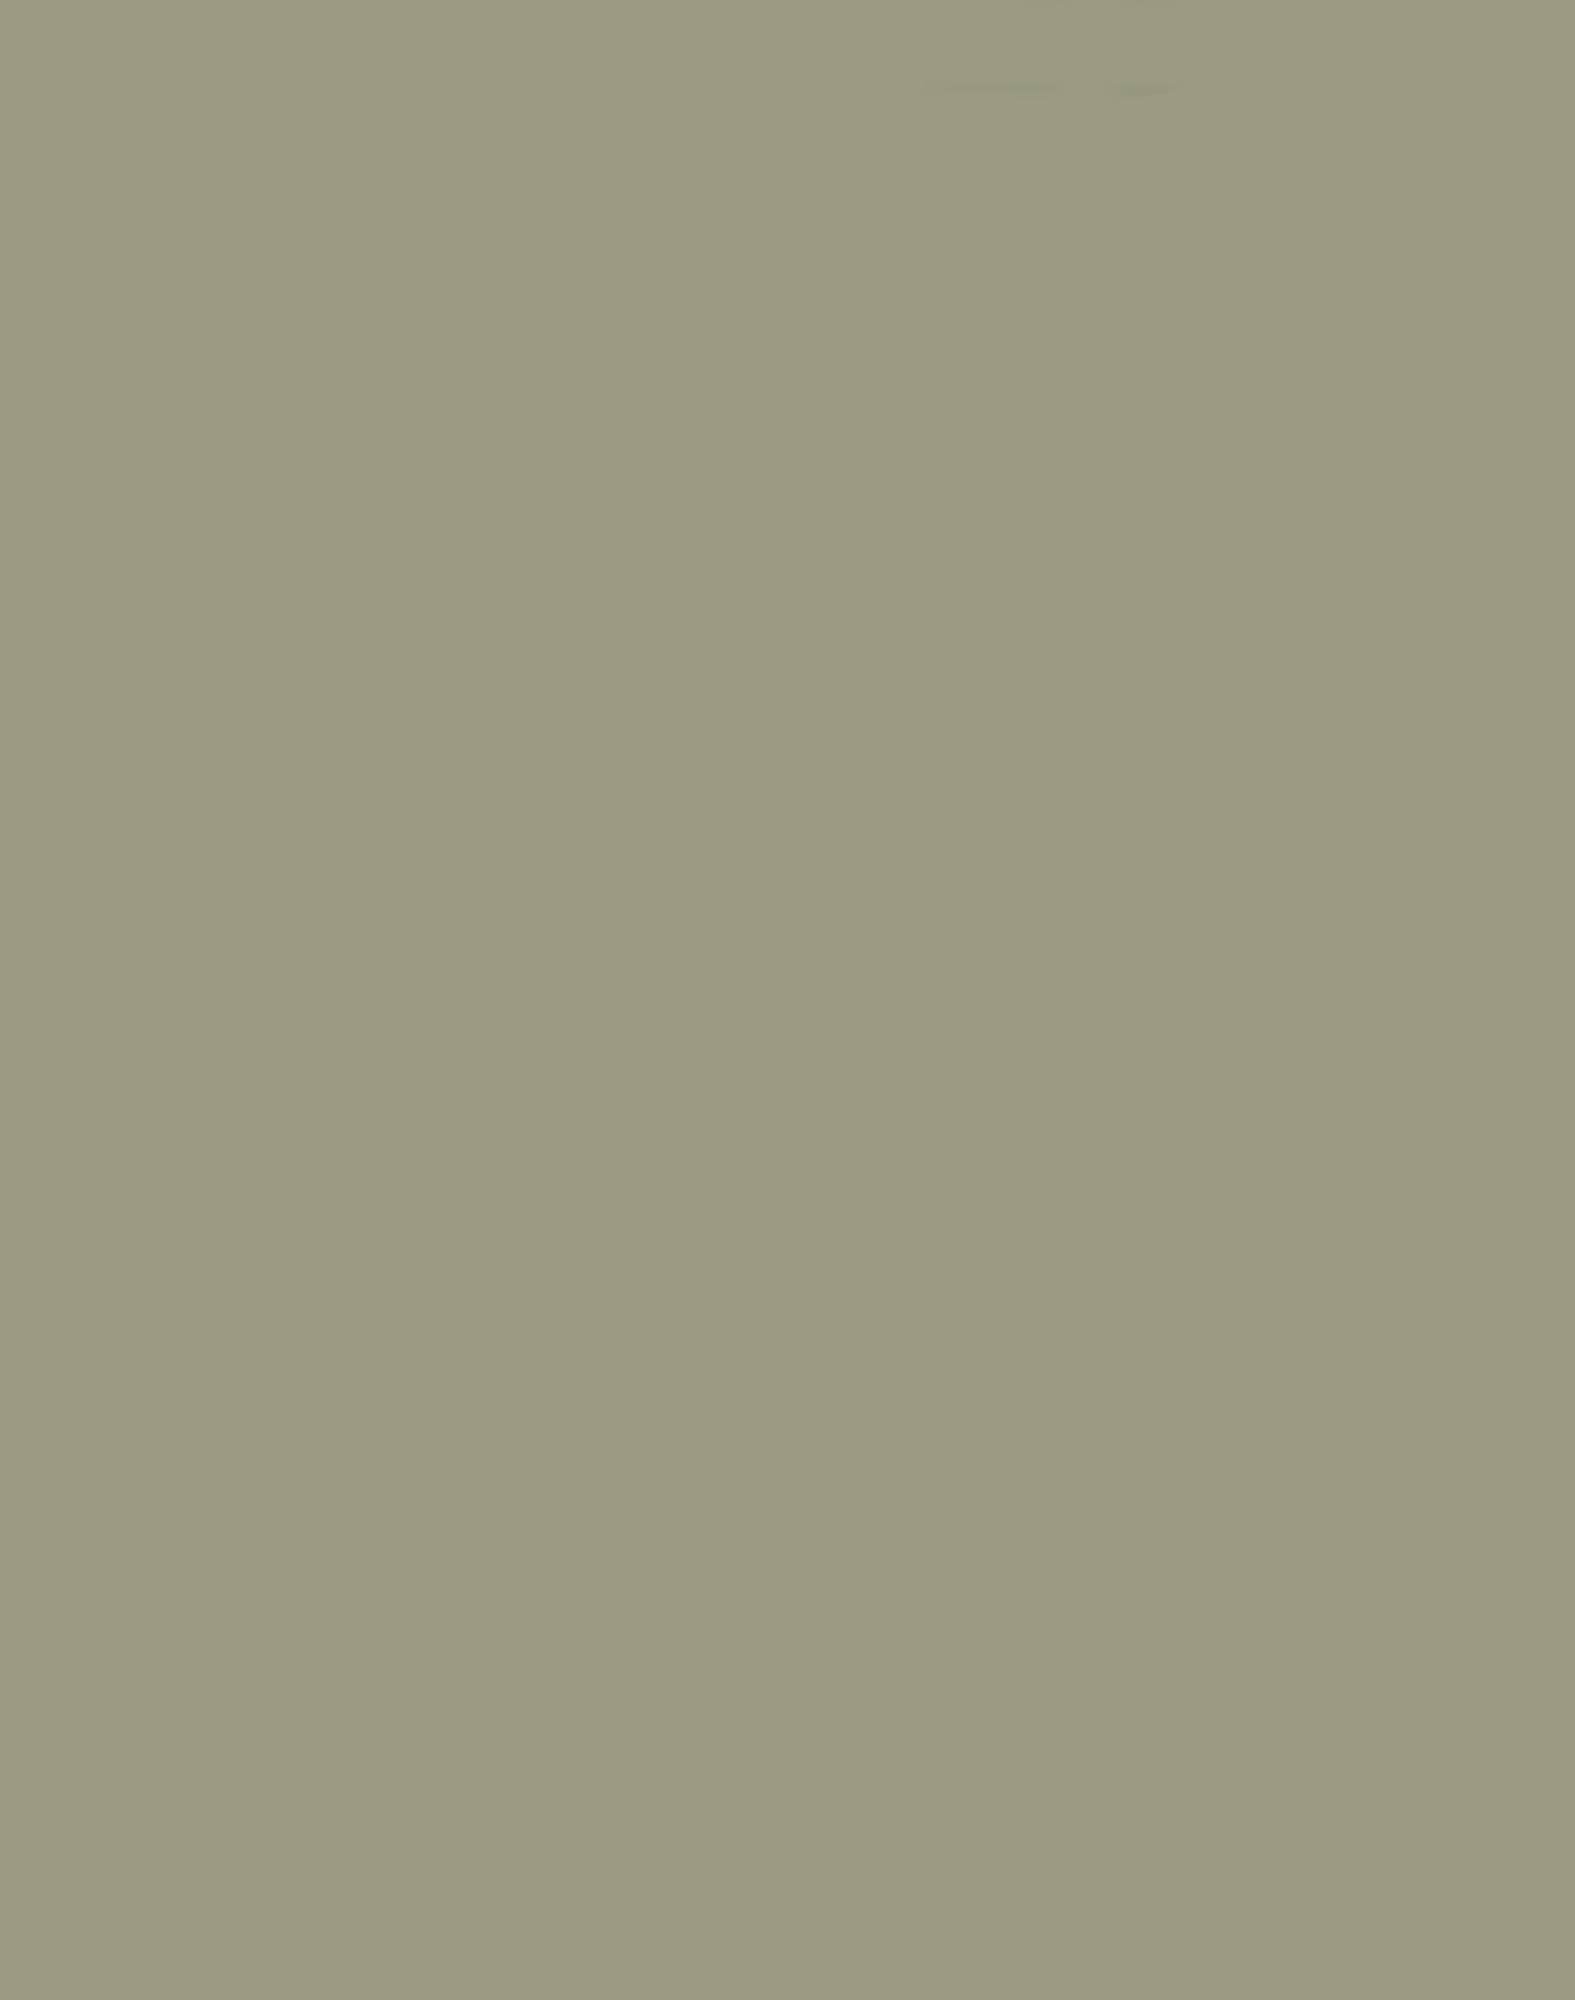 Gentle Willow 156,155,130